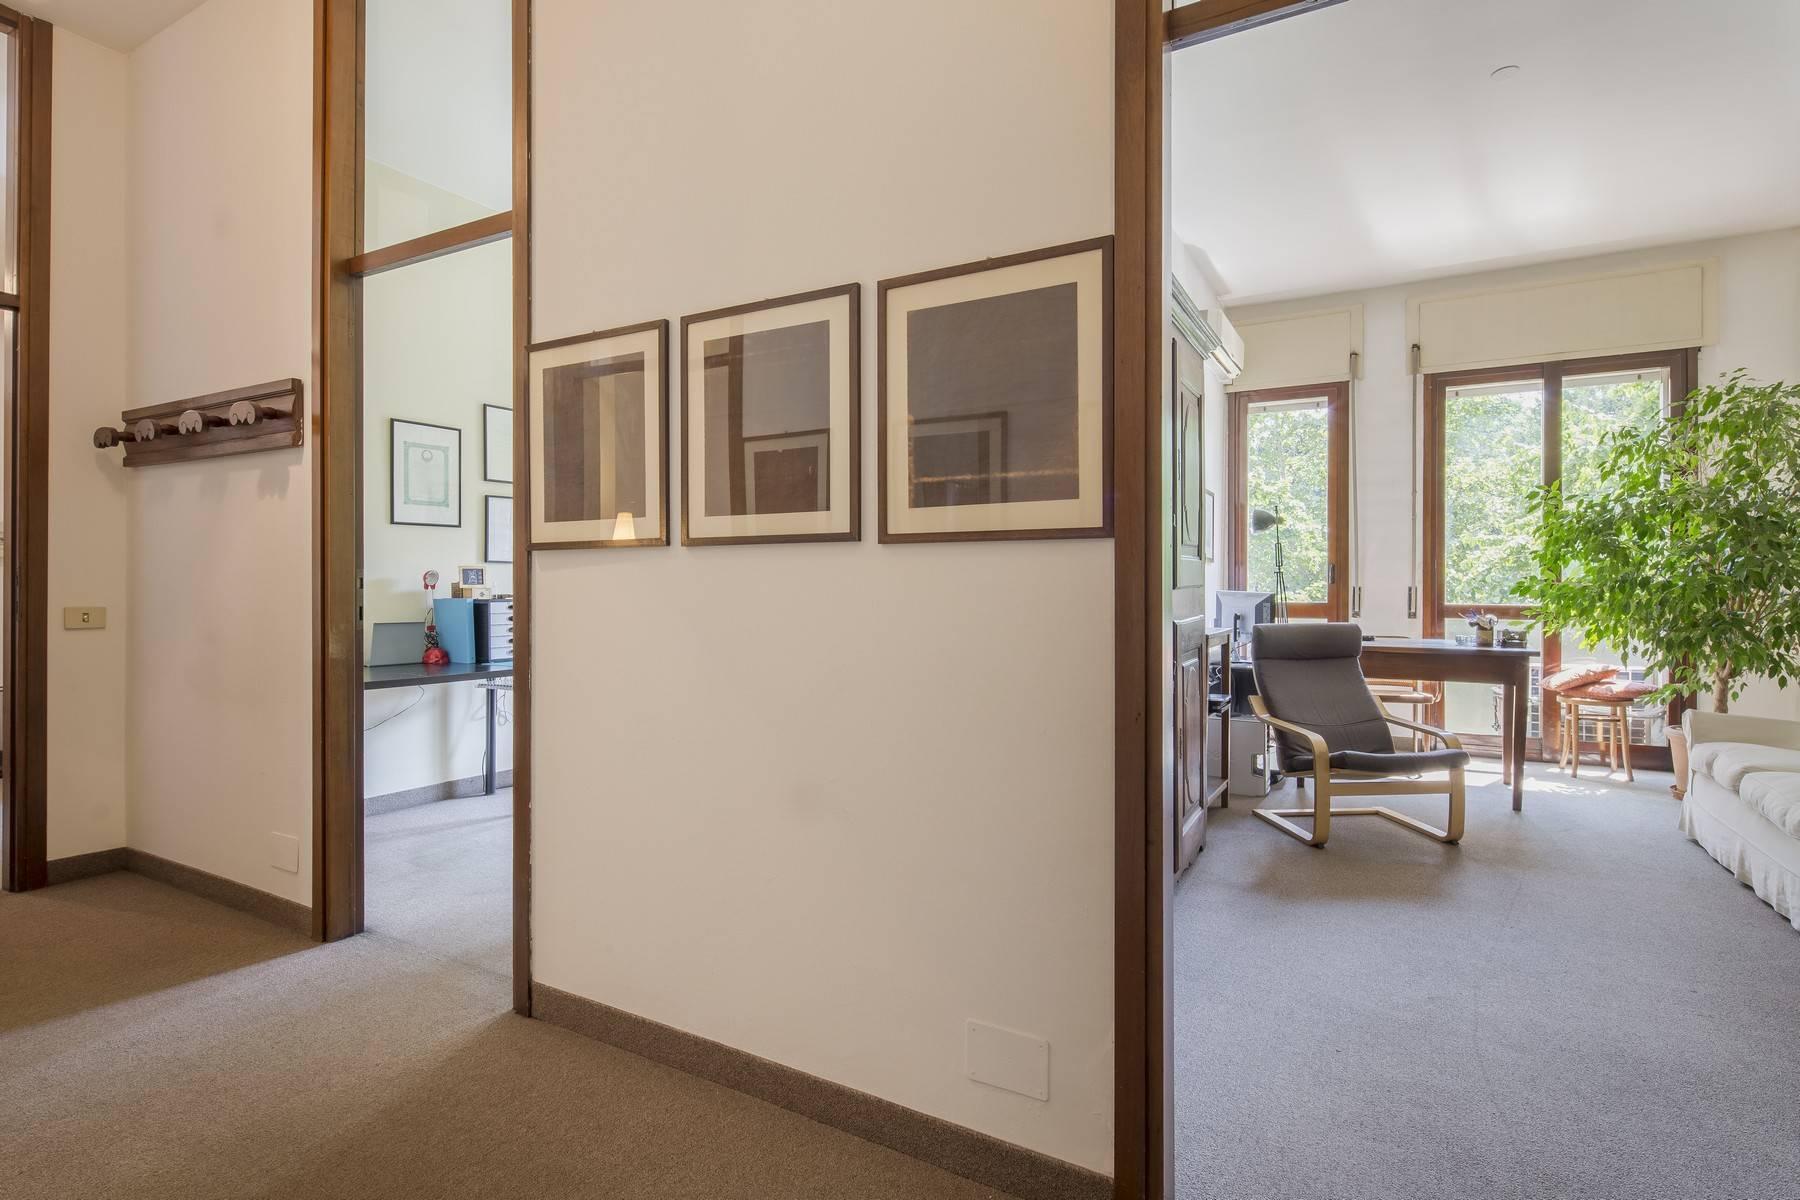 Appartamento in Vendita a Milano: 4 locali, 120 mq - Foto 13